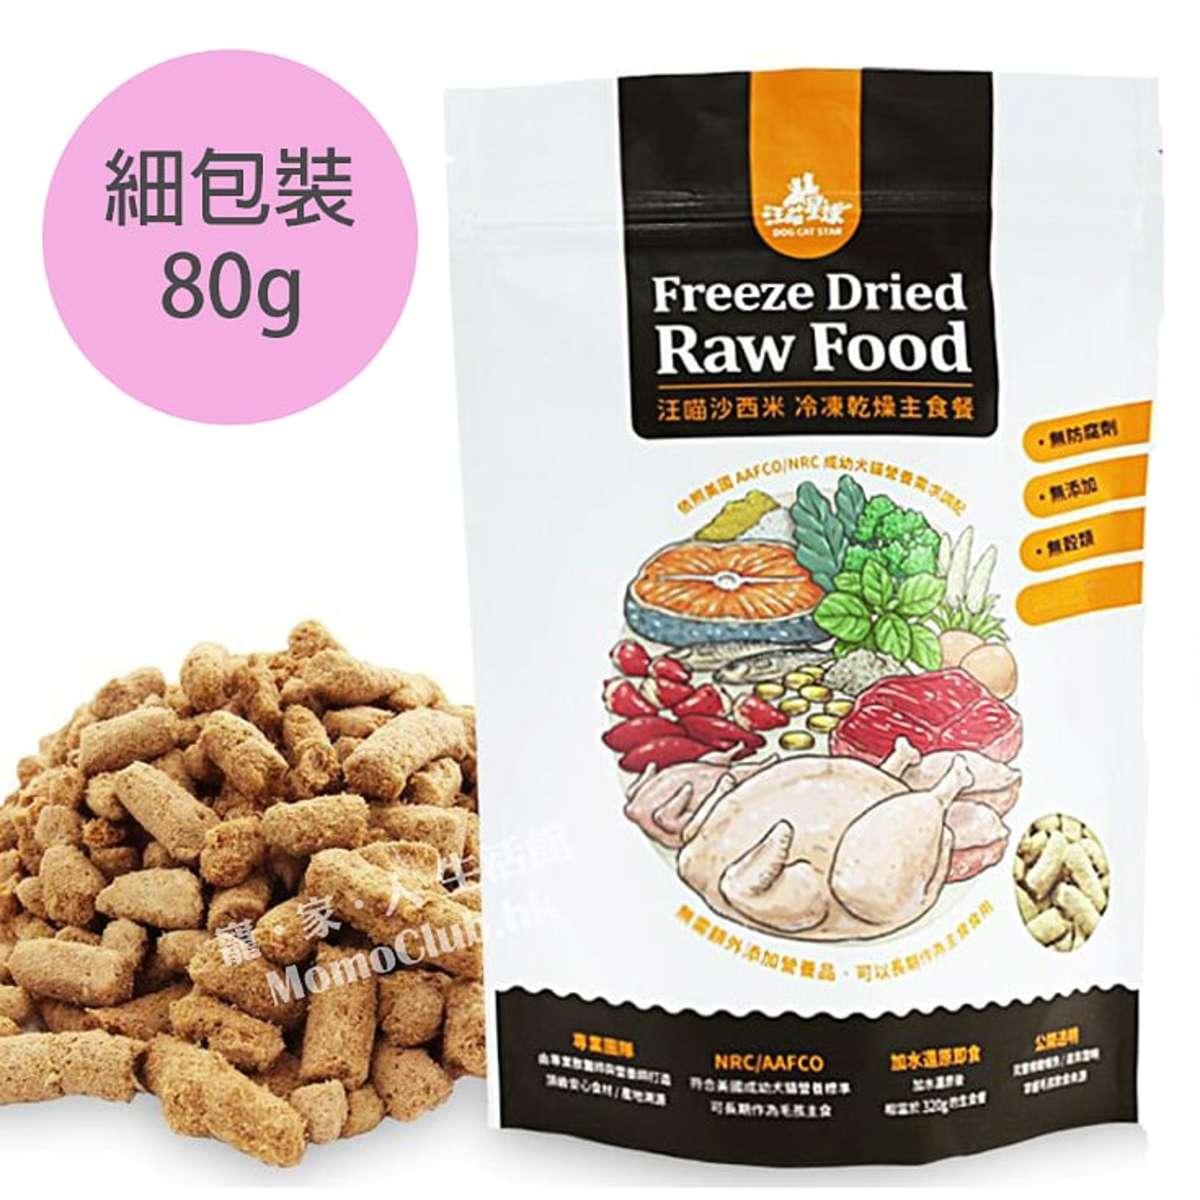 貓咪冷凍乾燥生食餐 (野鵪鶉) 80g